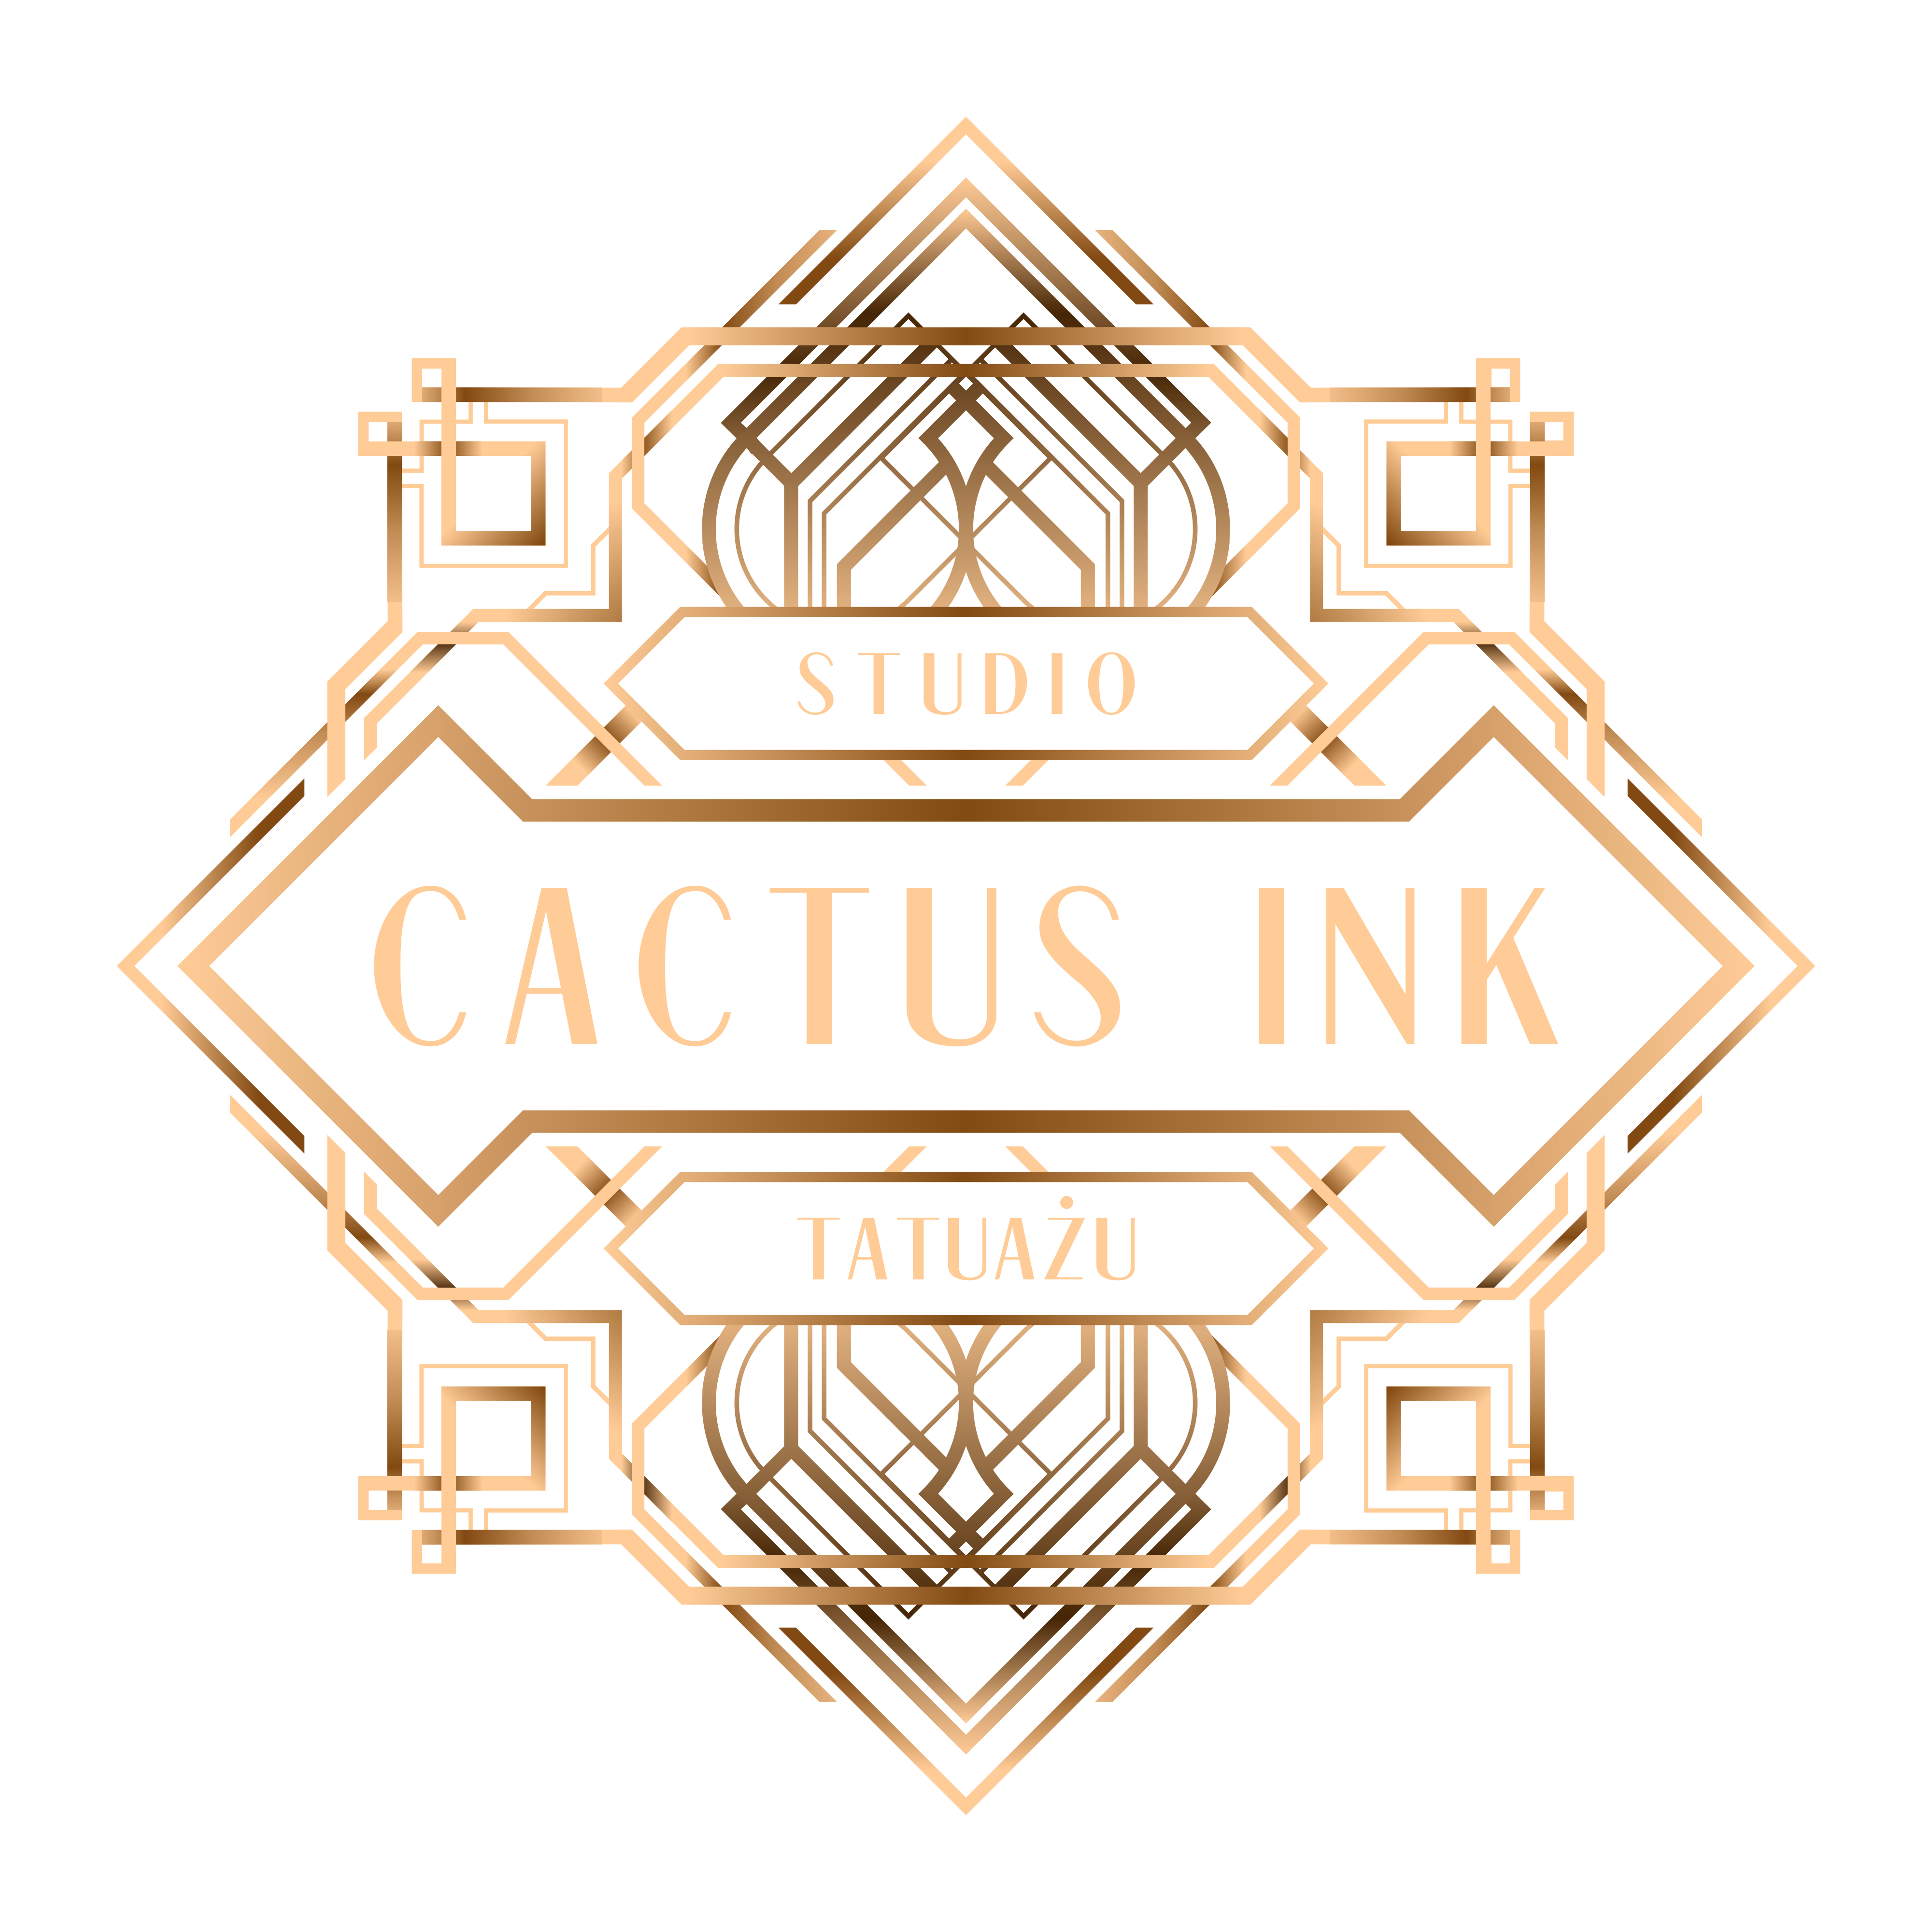 Studio tatuażu CACTUS INK - Tatuaże Rybnik, Rydułtowy